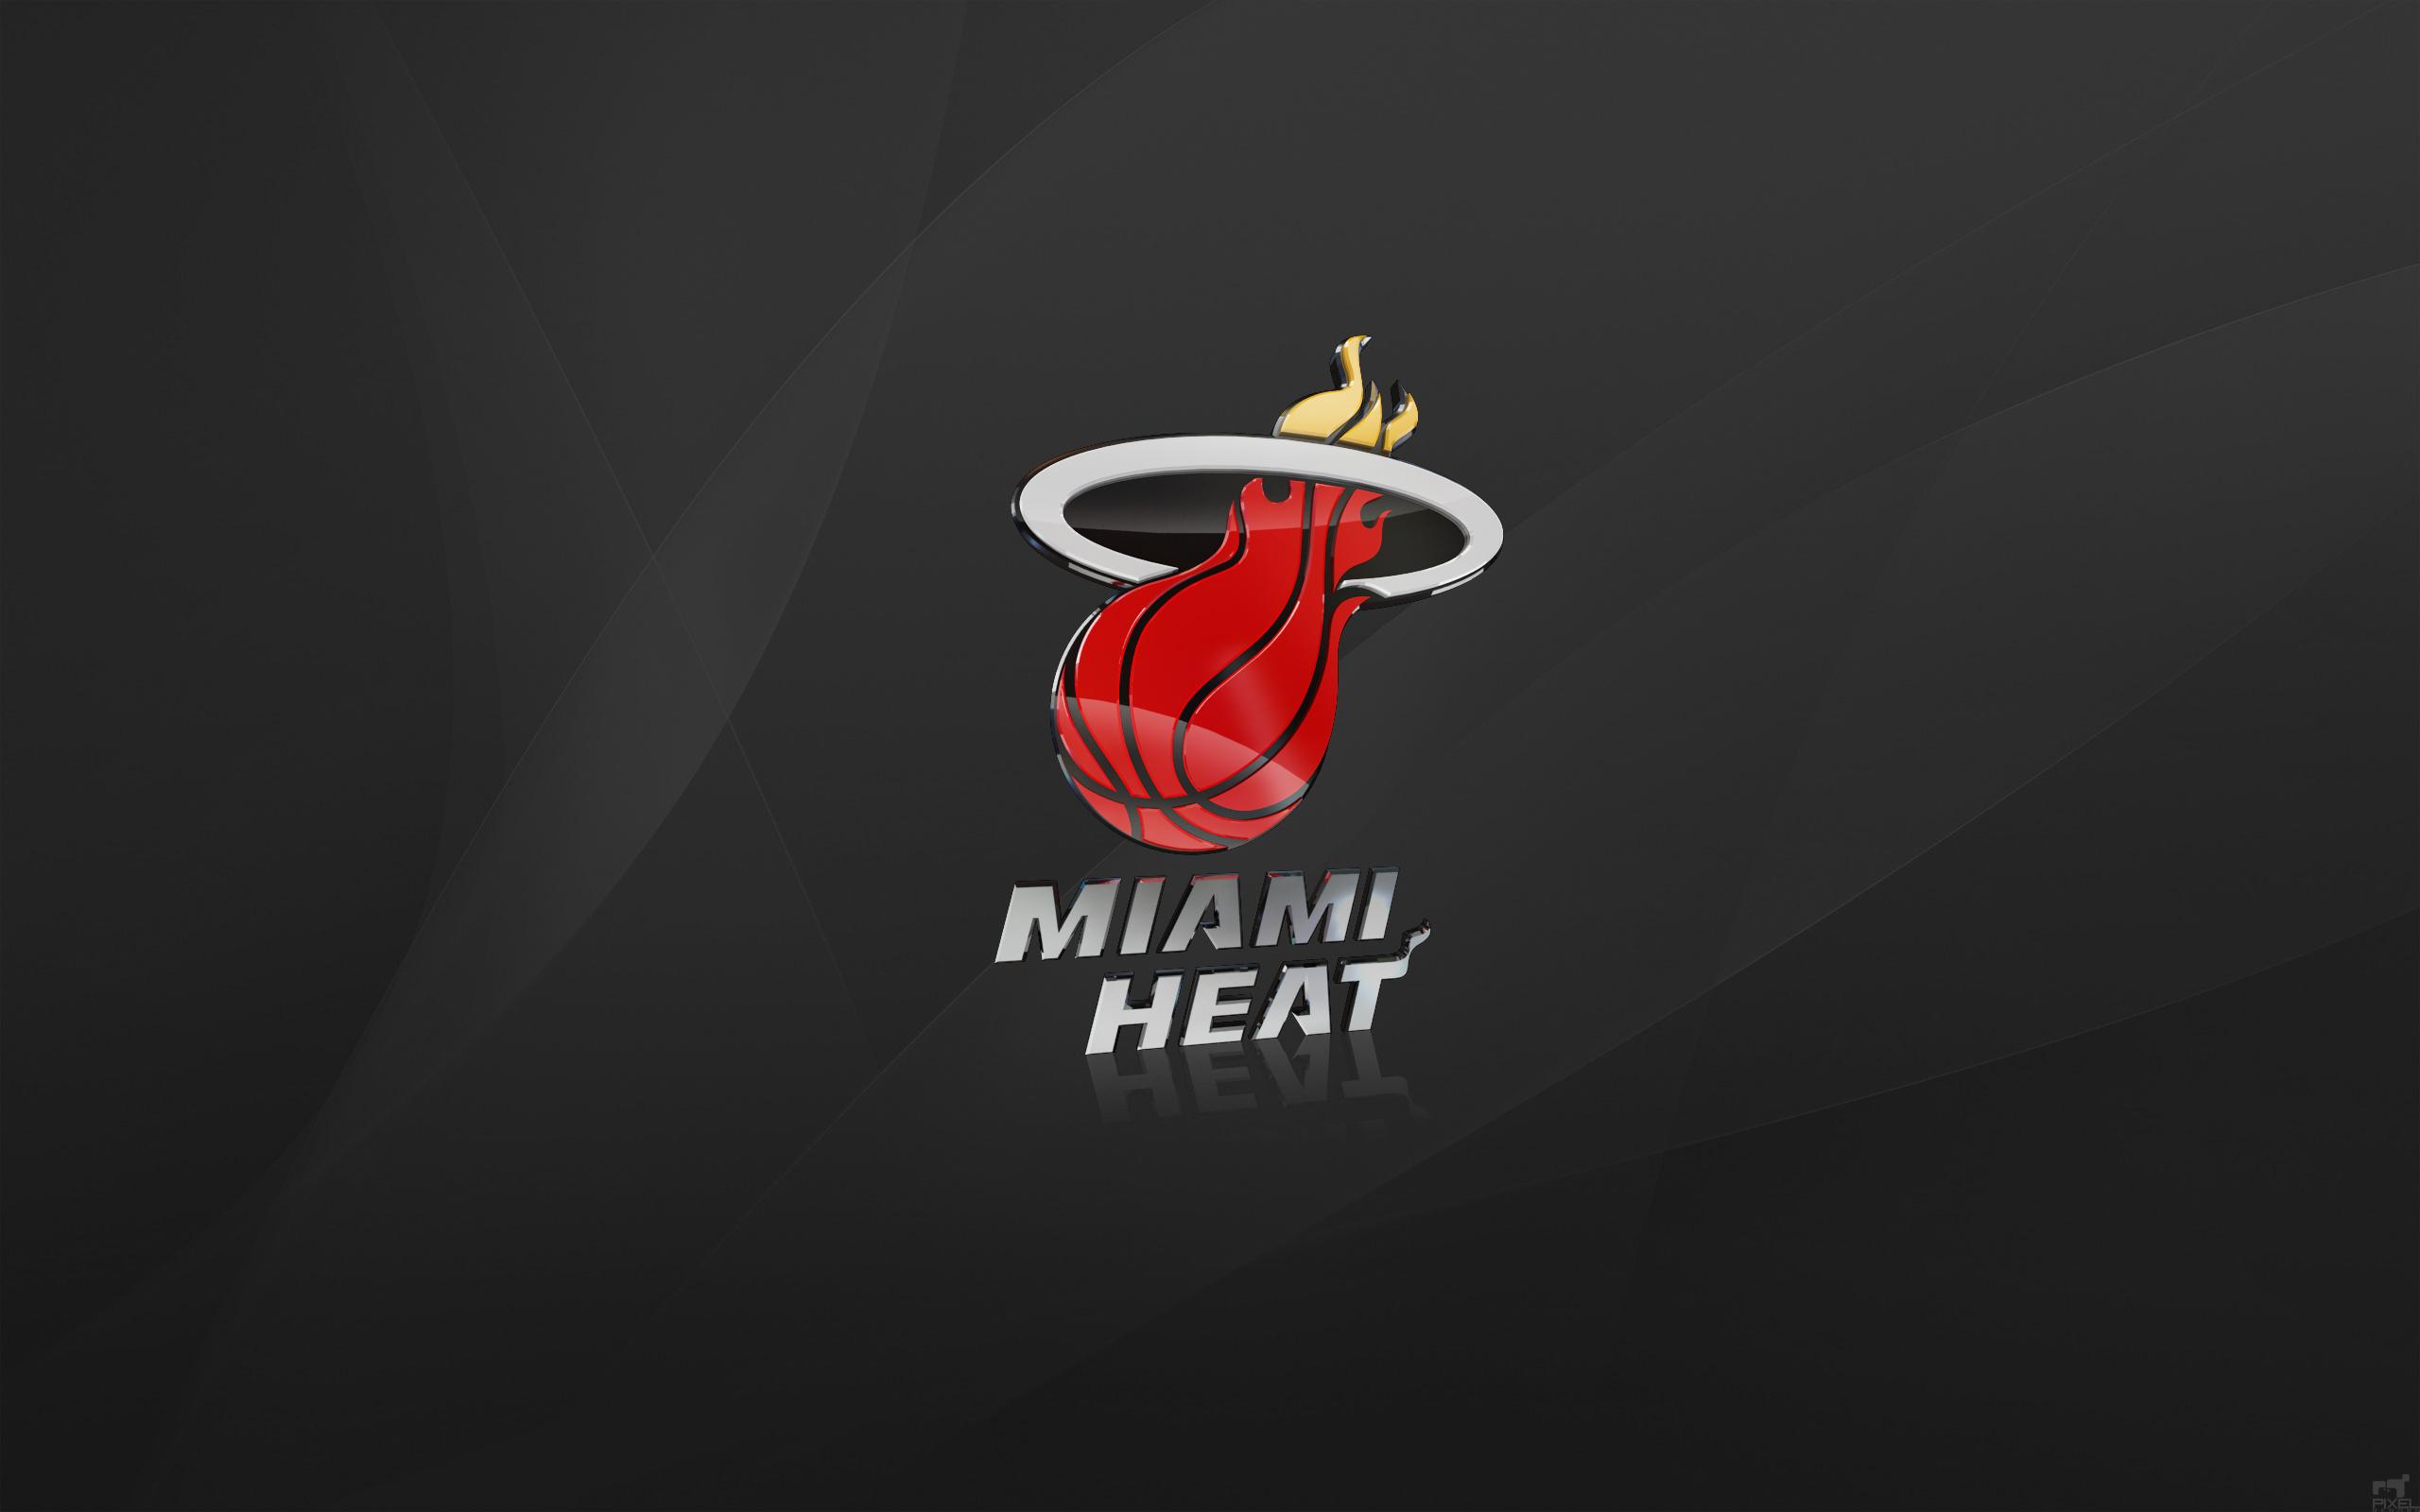 Miami Heat Wallpapers ImageBankbiz 2560x1600